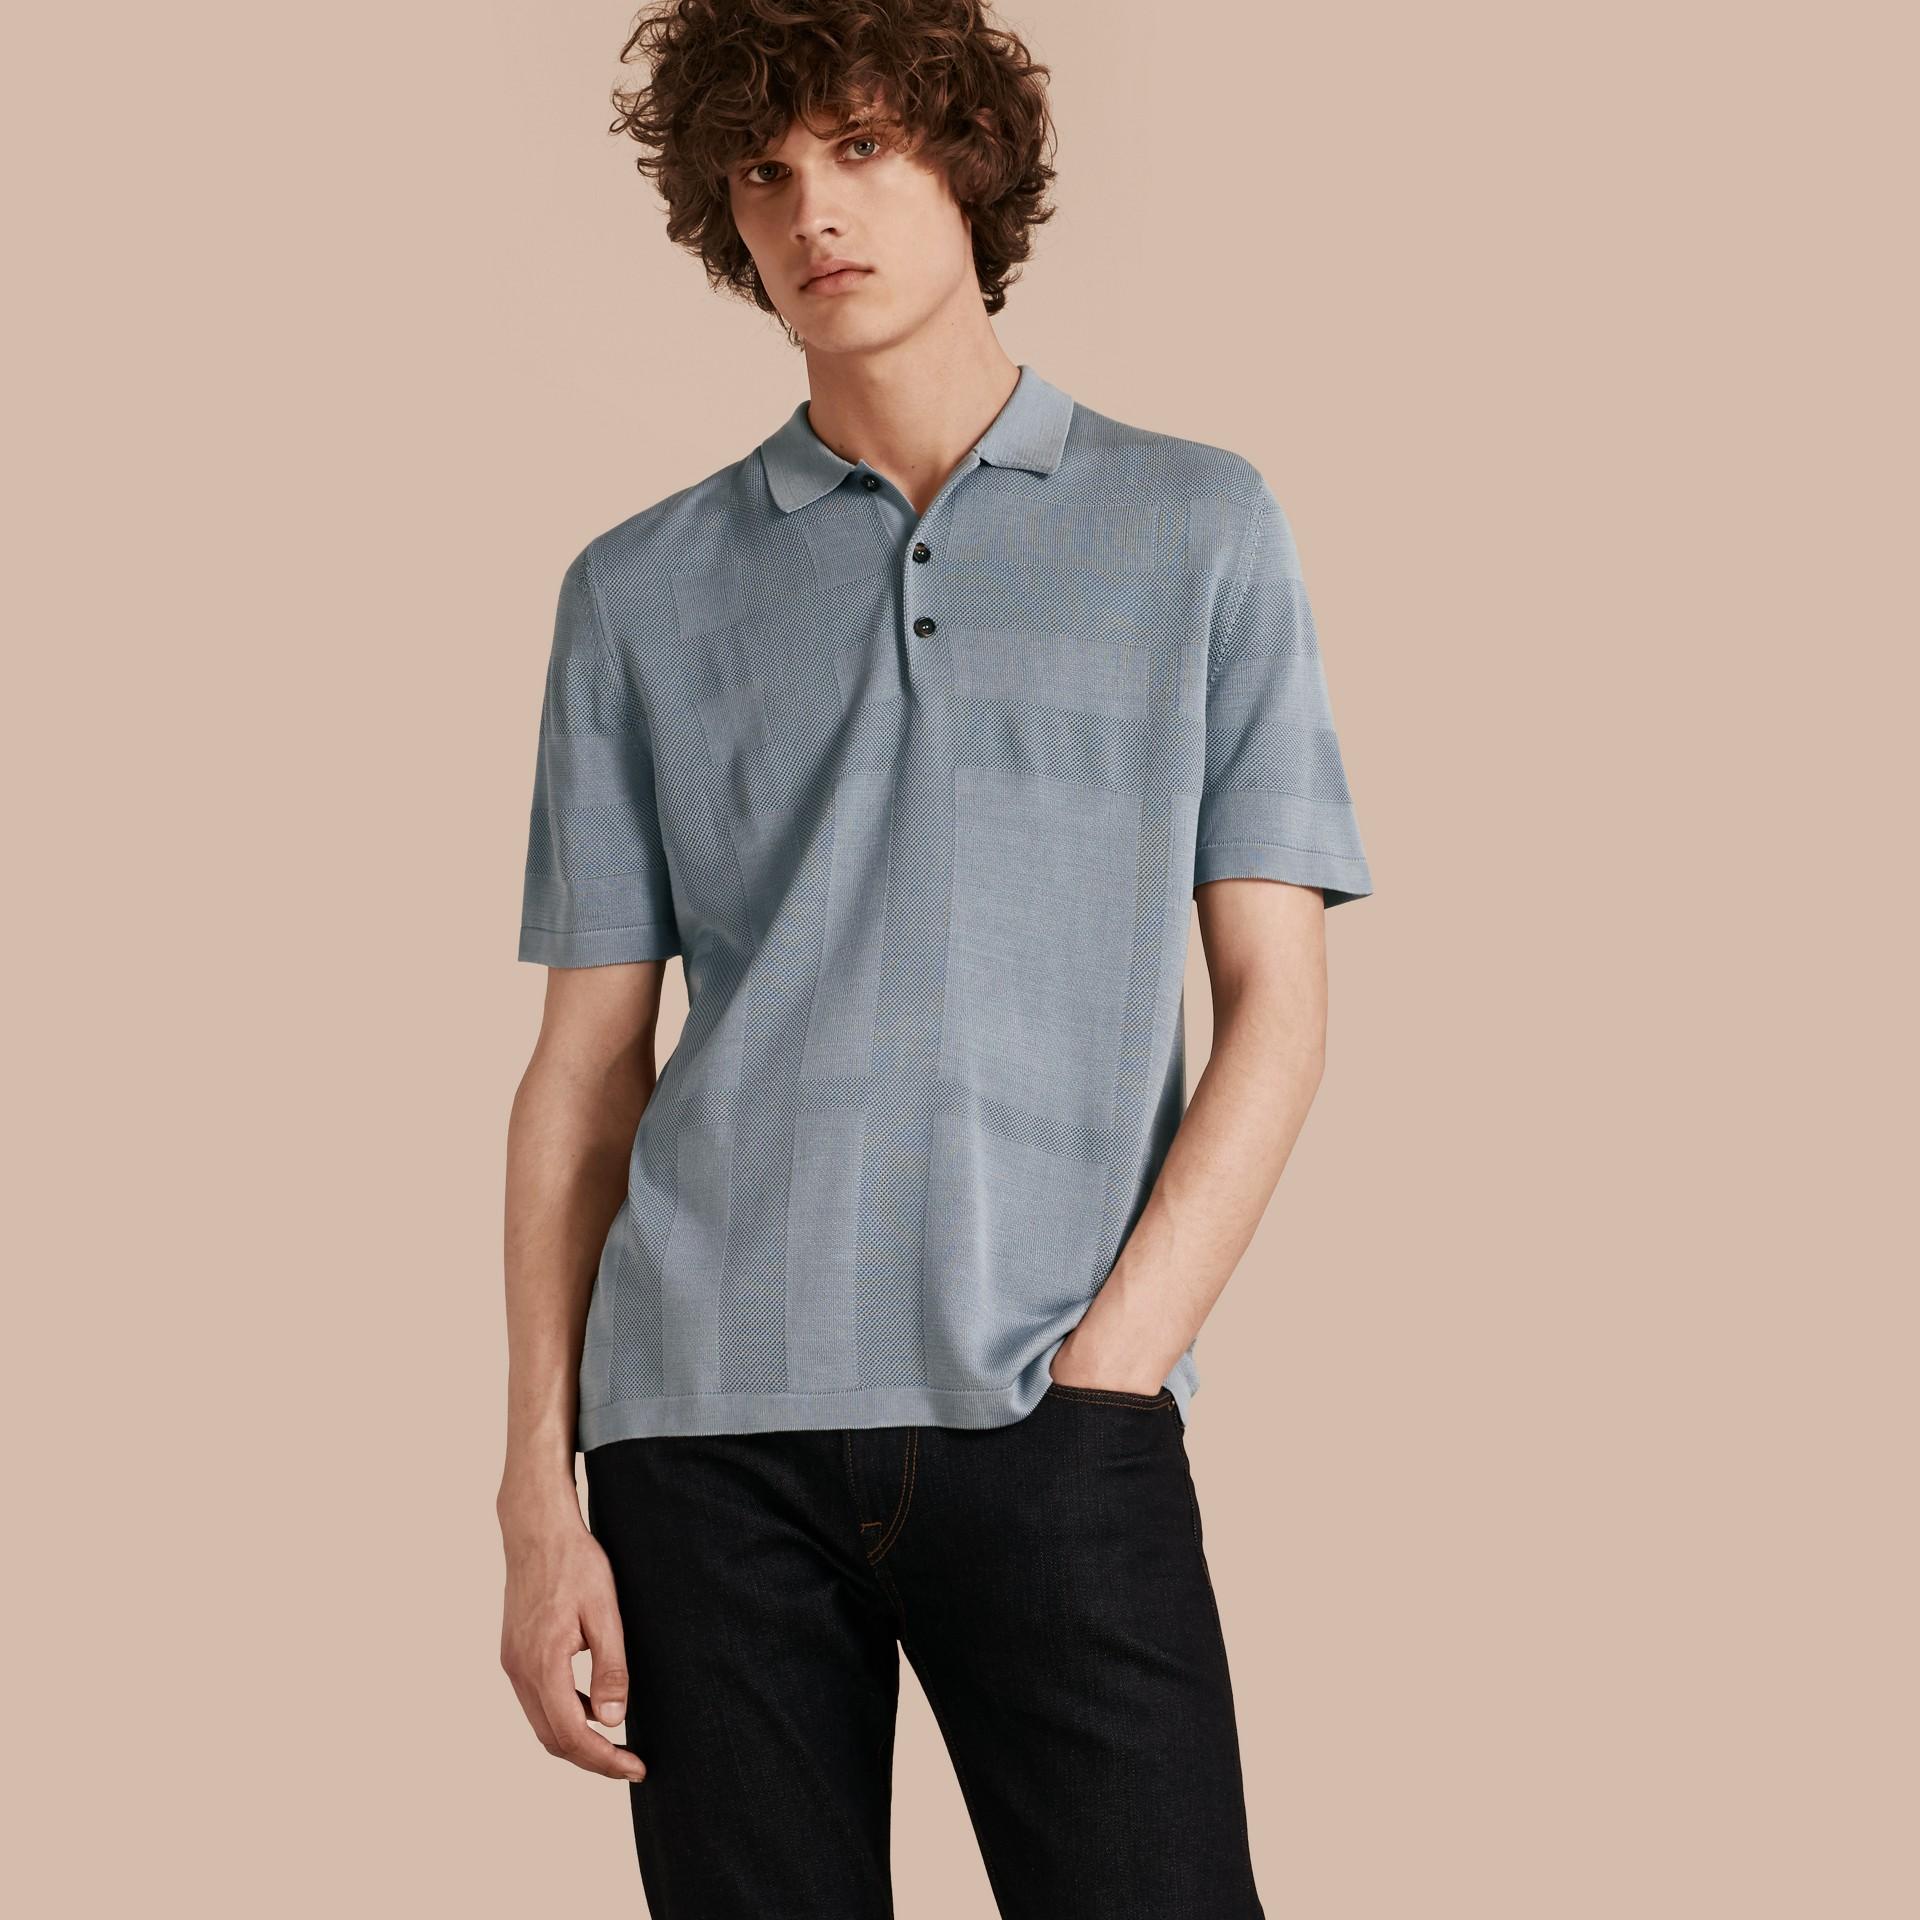 チェックジャカード ピケシルクコットン ポロシャツ (スレートブルー) - メンズ | バーバリー - ギャラリーイメージ 1